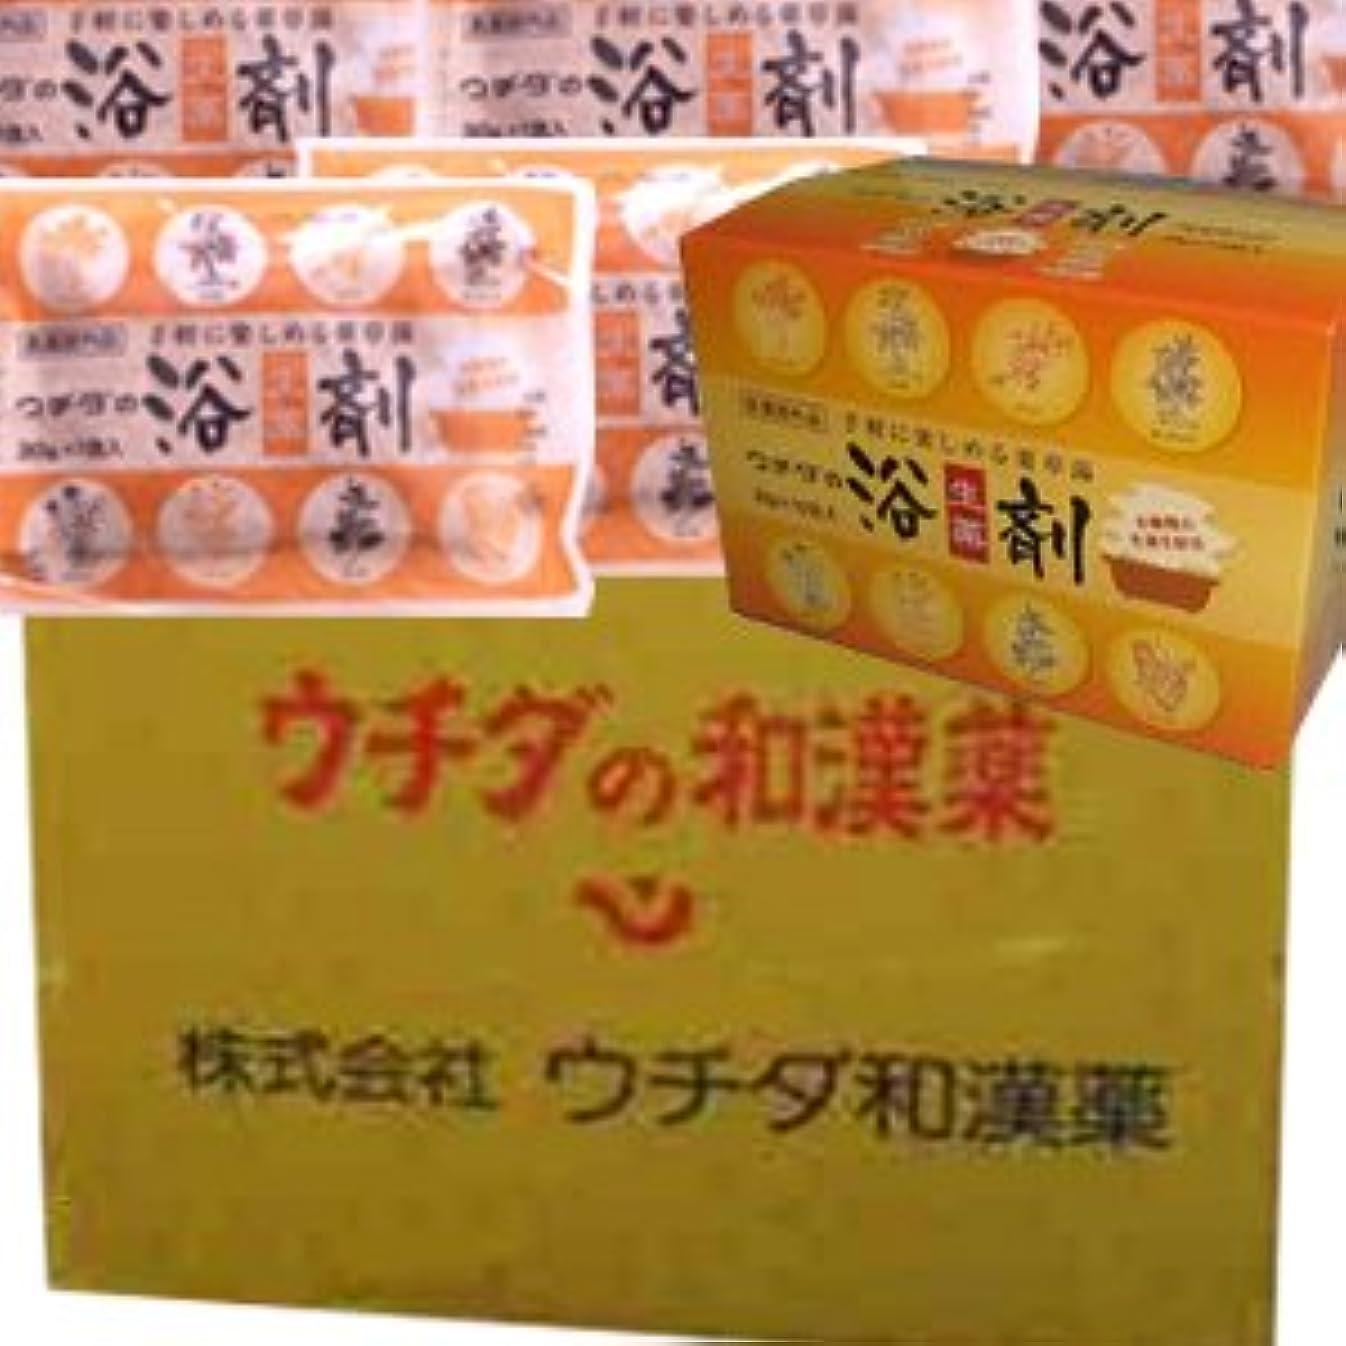 宴会大使書き出す【12個1ケース】 ウチダの浴剤 30g×10袋入×12個+6袋 (4987359400025)